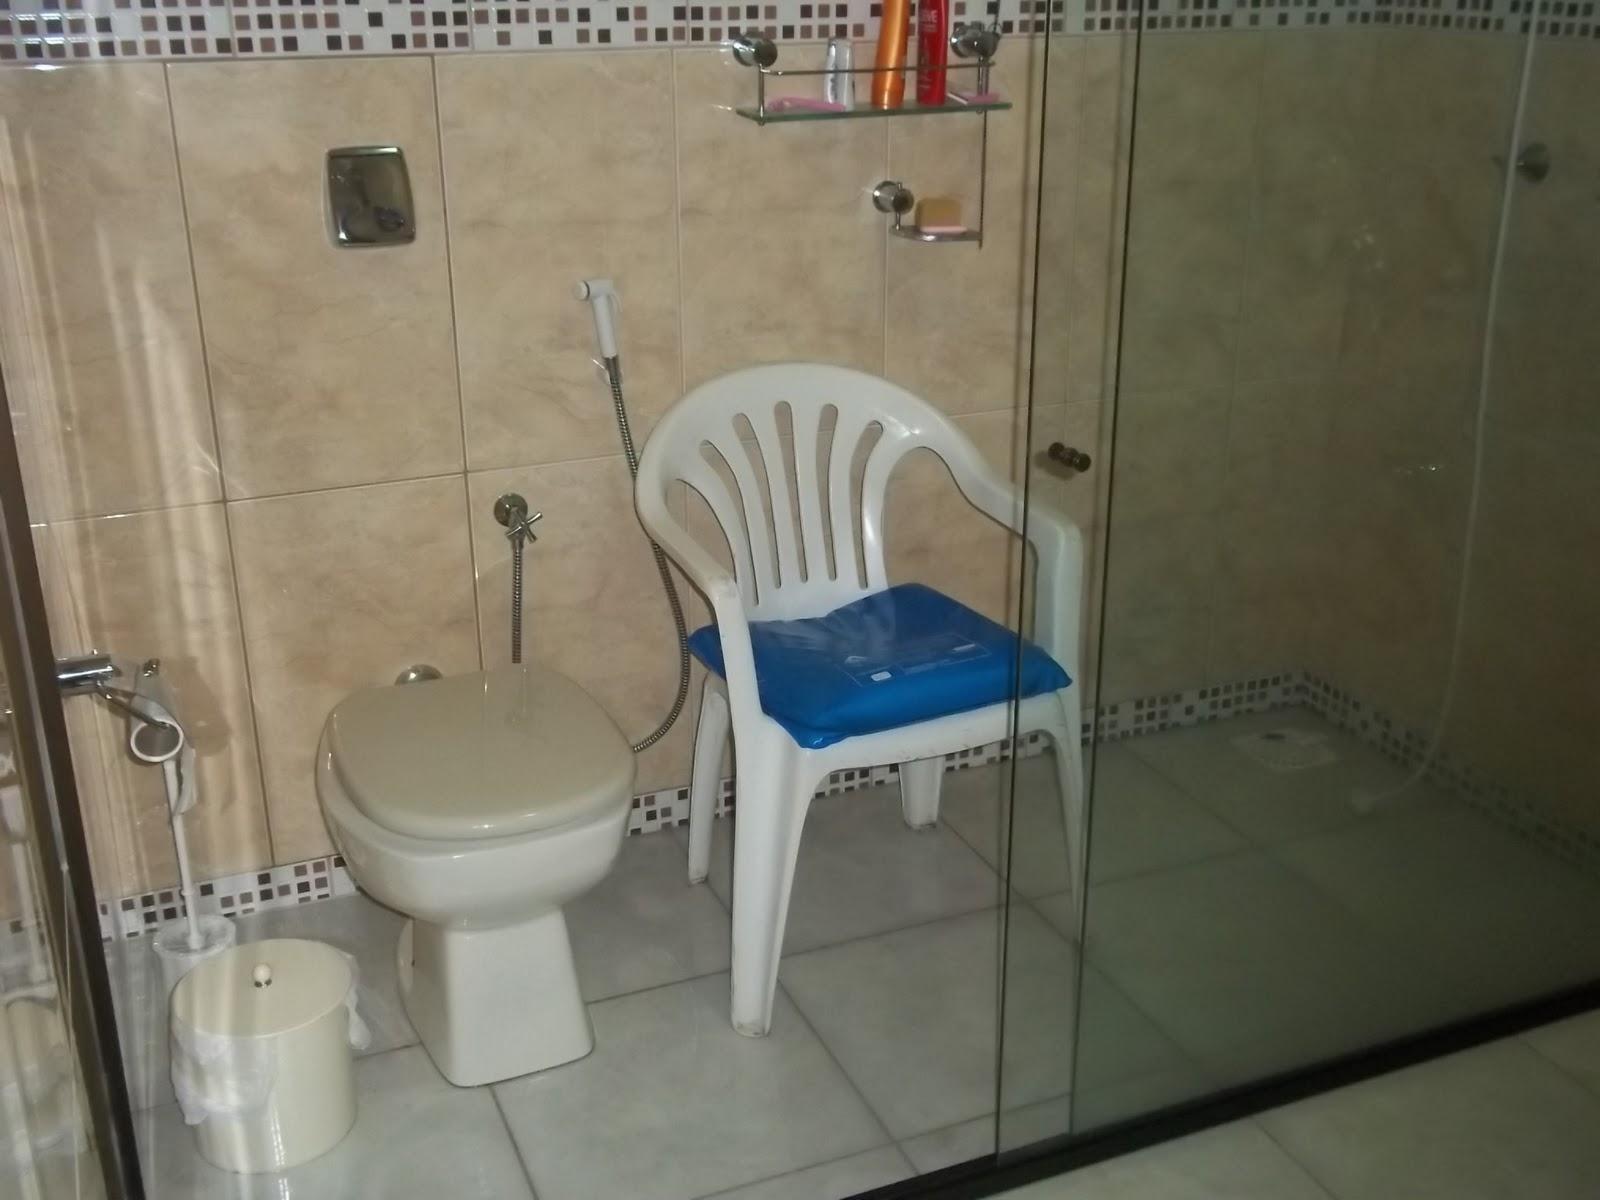 Koisas Com Ká: Casa adaptada #15436B 1600x1200 Banheiro Acessivel Com Box